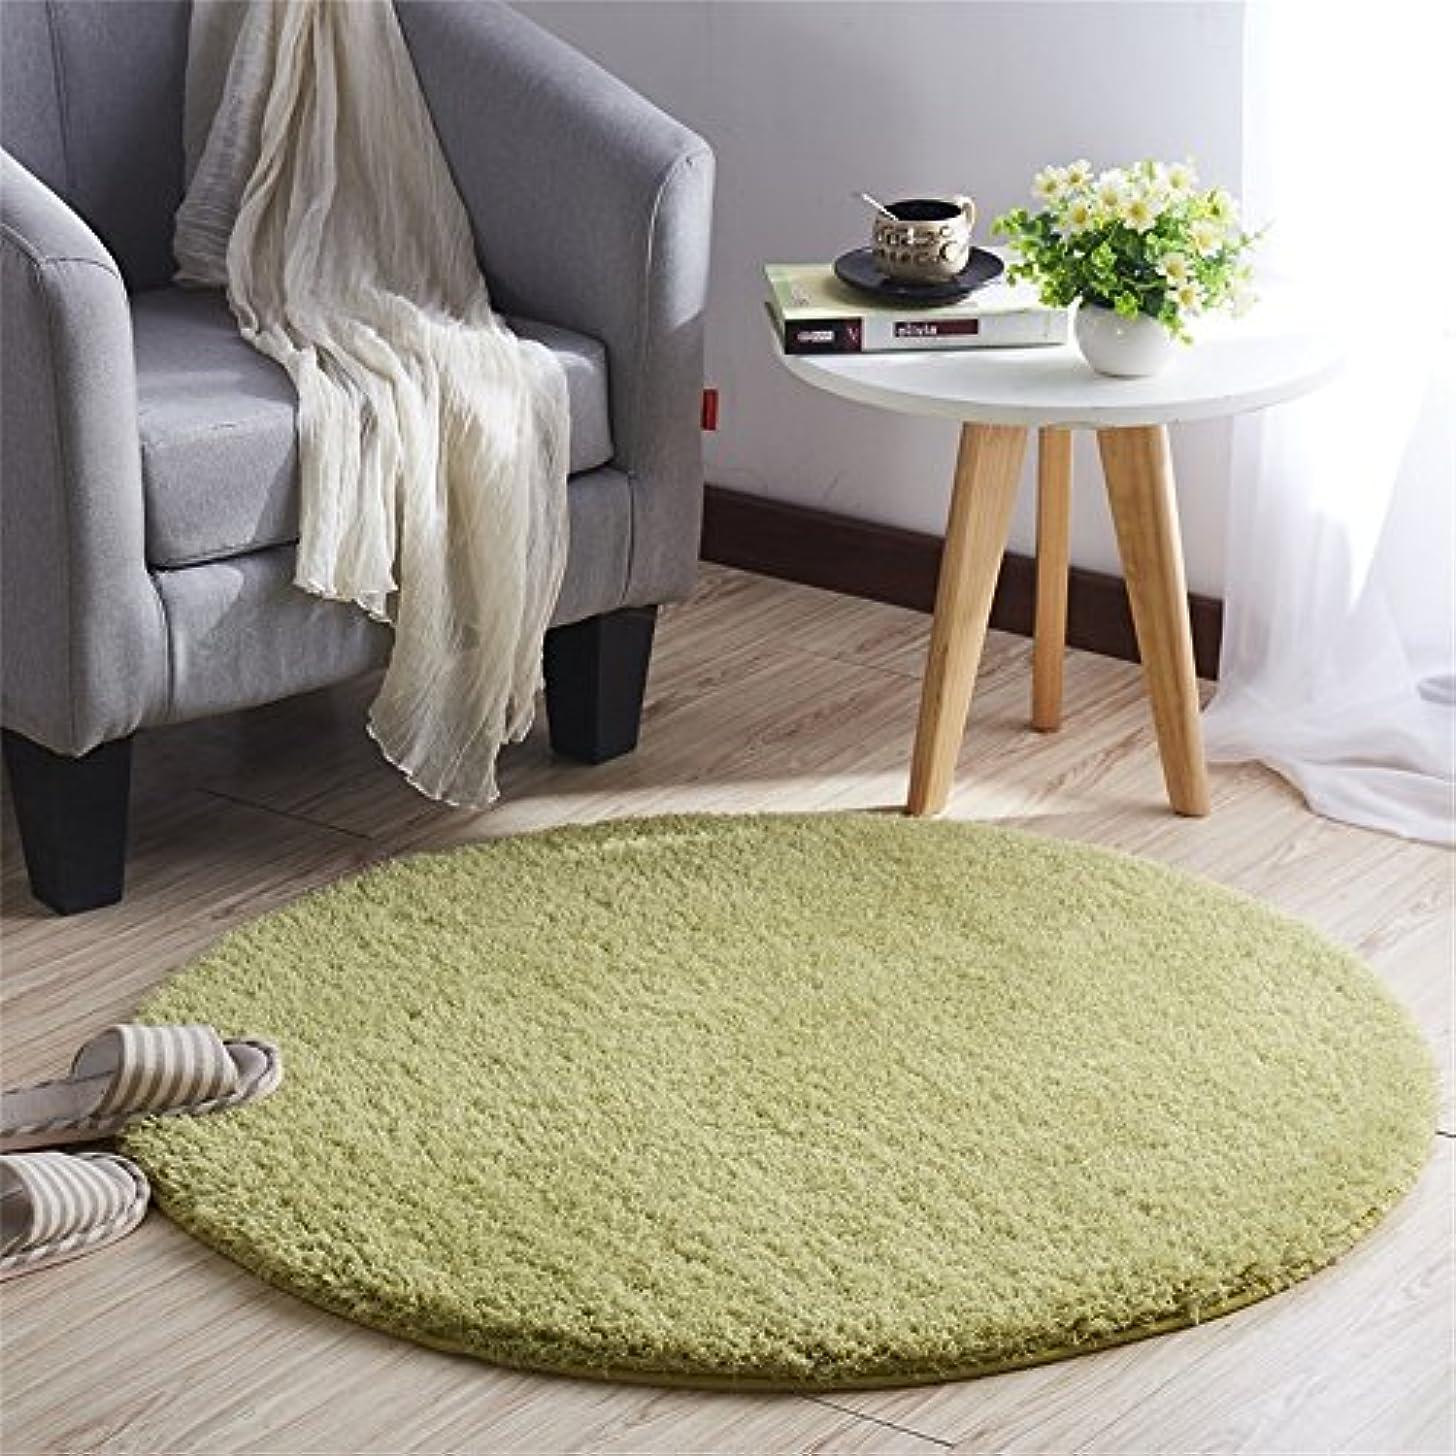 怠右パイルCLAXAM 一瞬だけでとろけそう~!ラブリーシャギーラグ 丸い絨毯 極上の繊細さと柔らかさ、サラサラな質感で、あなたの欠かせない家飾りの味方 (80cm, グラスグリーン)